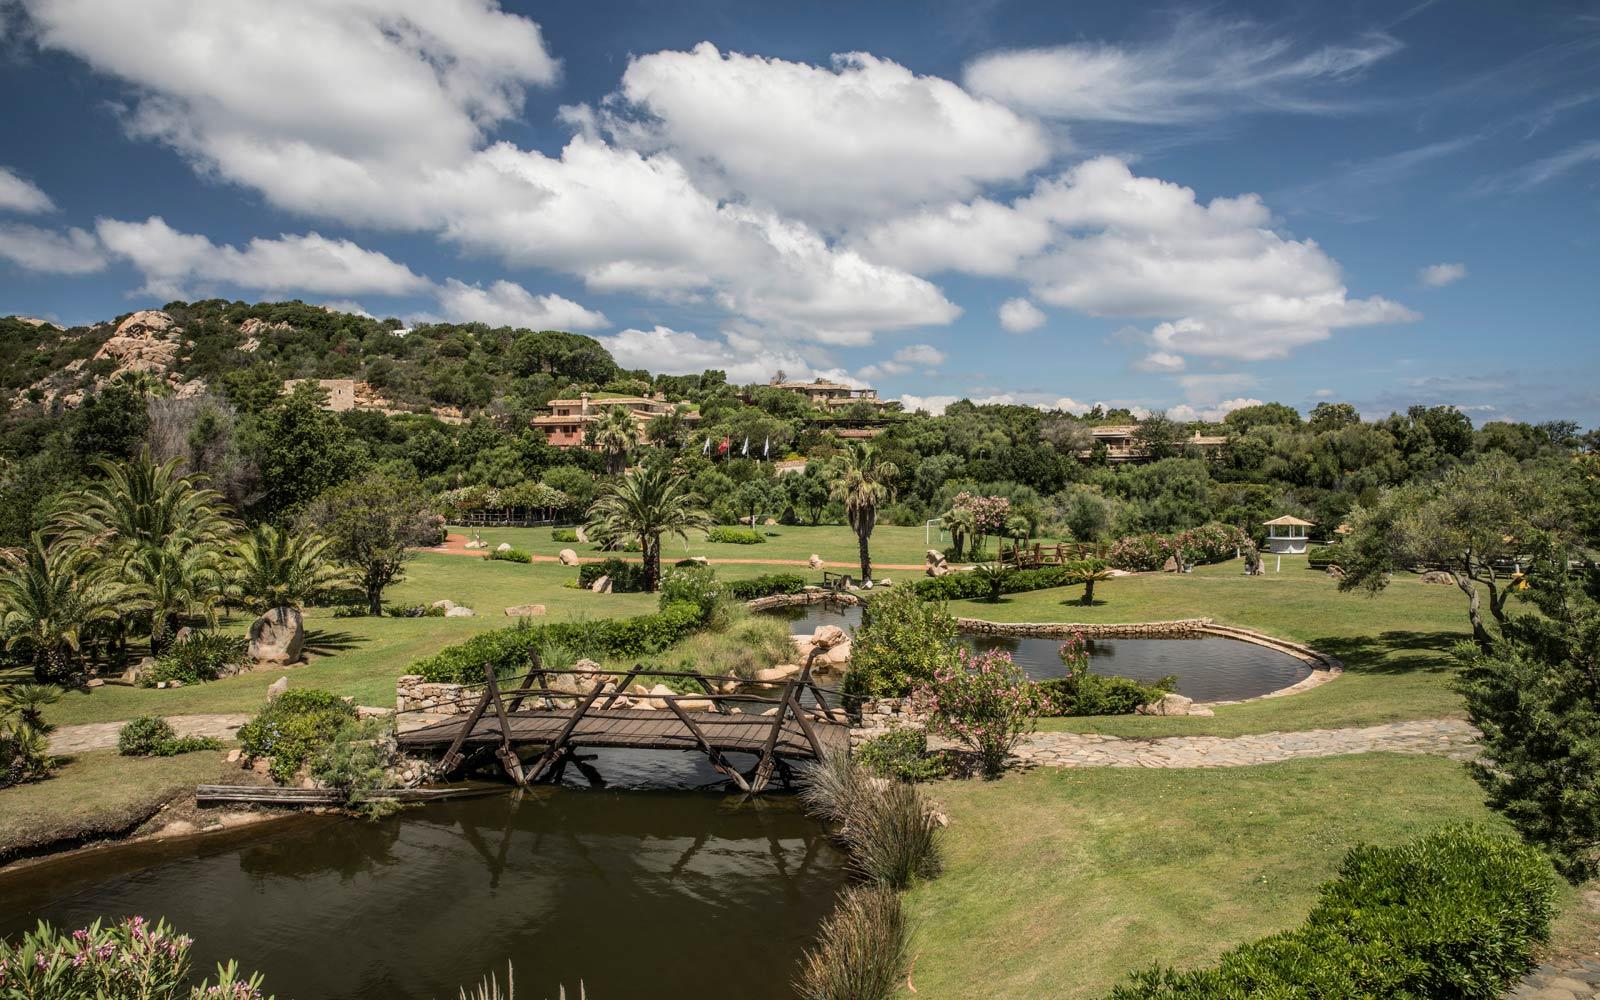 Gardens and Lake at Le Palme